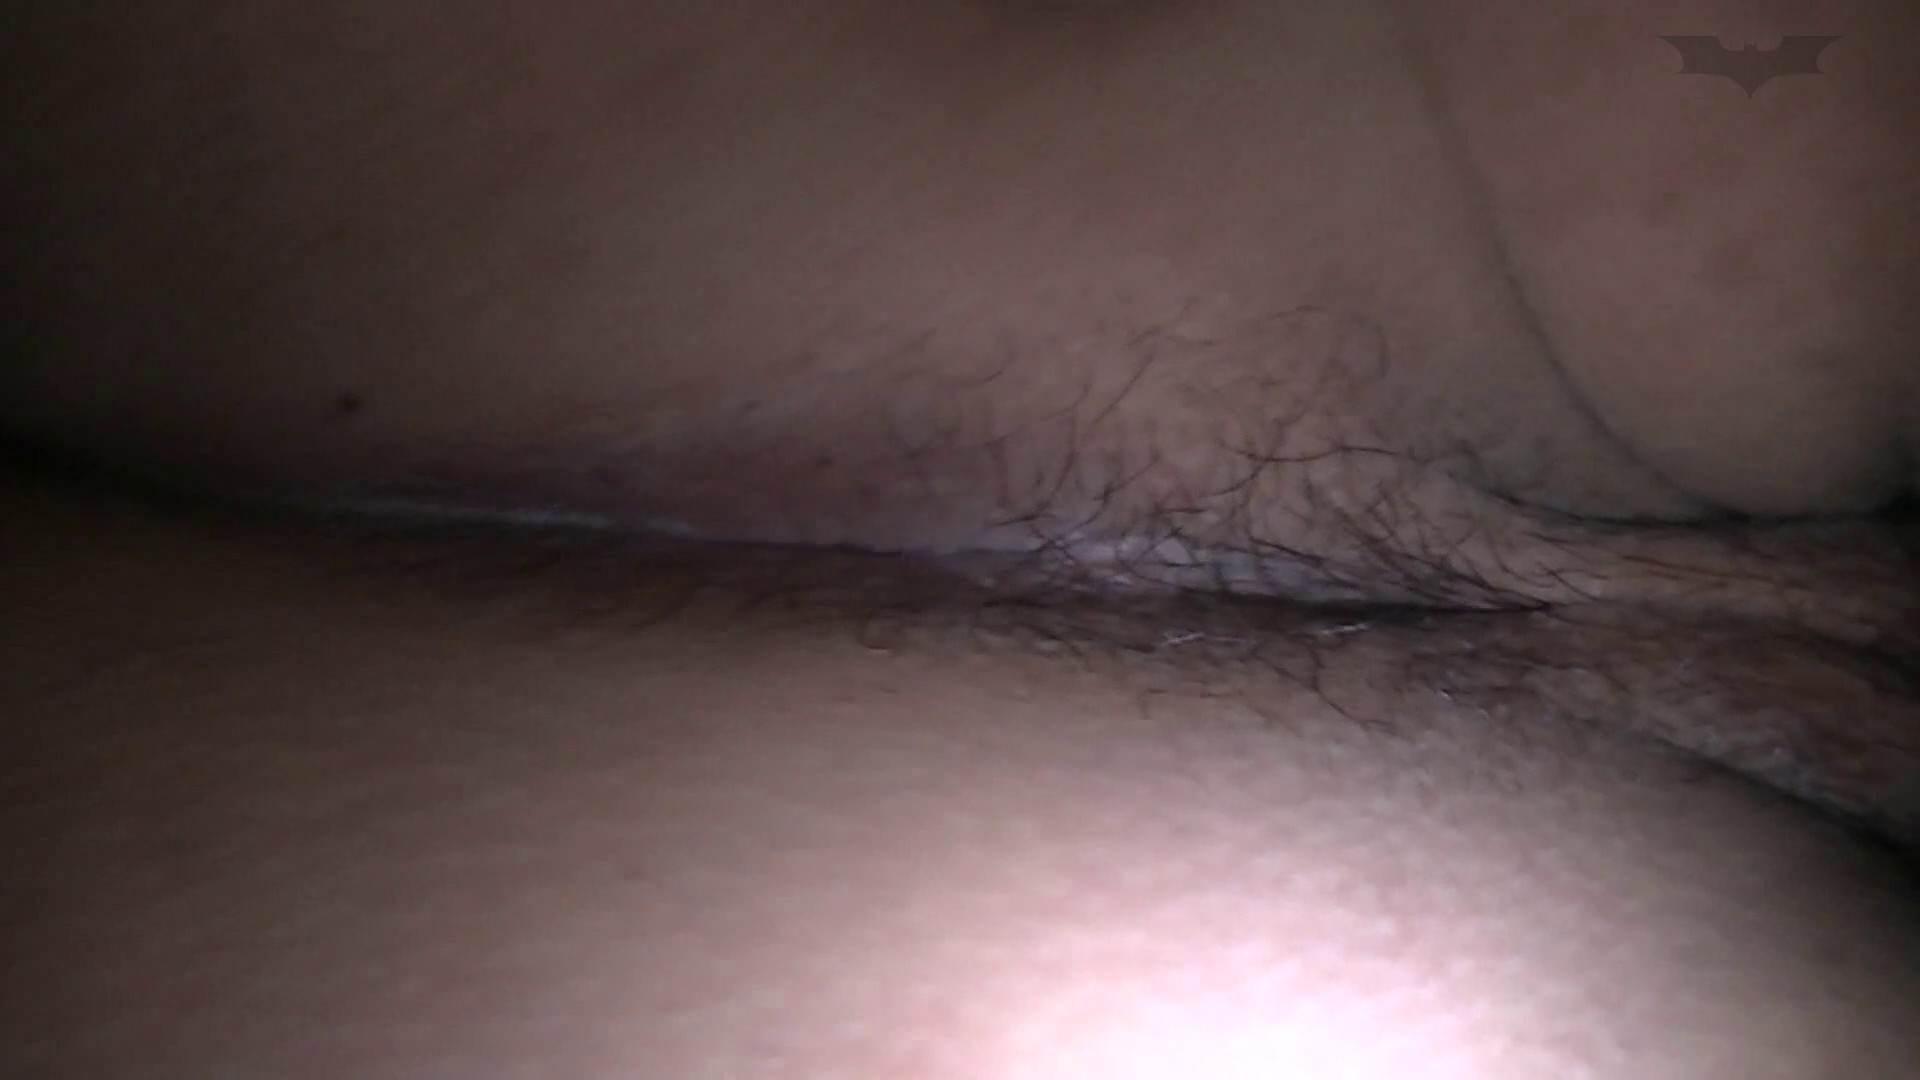 アナルに浣腸まで… 影対妊娠中の姪っ子19歳 美肌 | むっちりガール  103枚 71